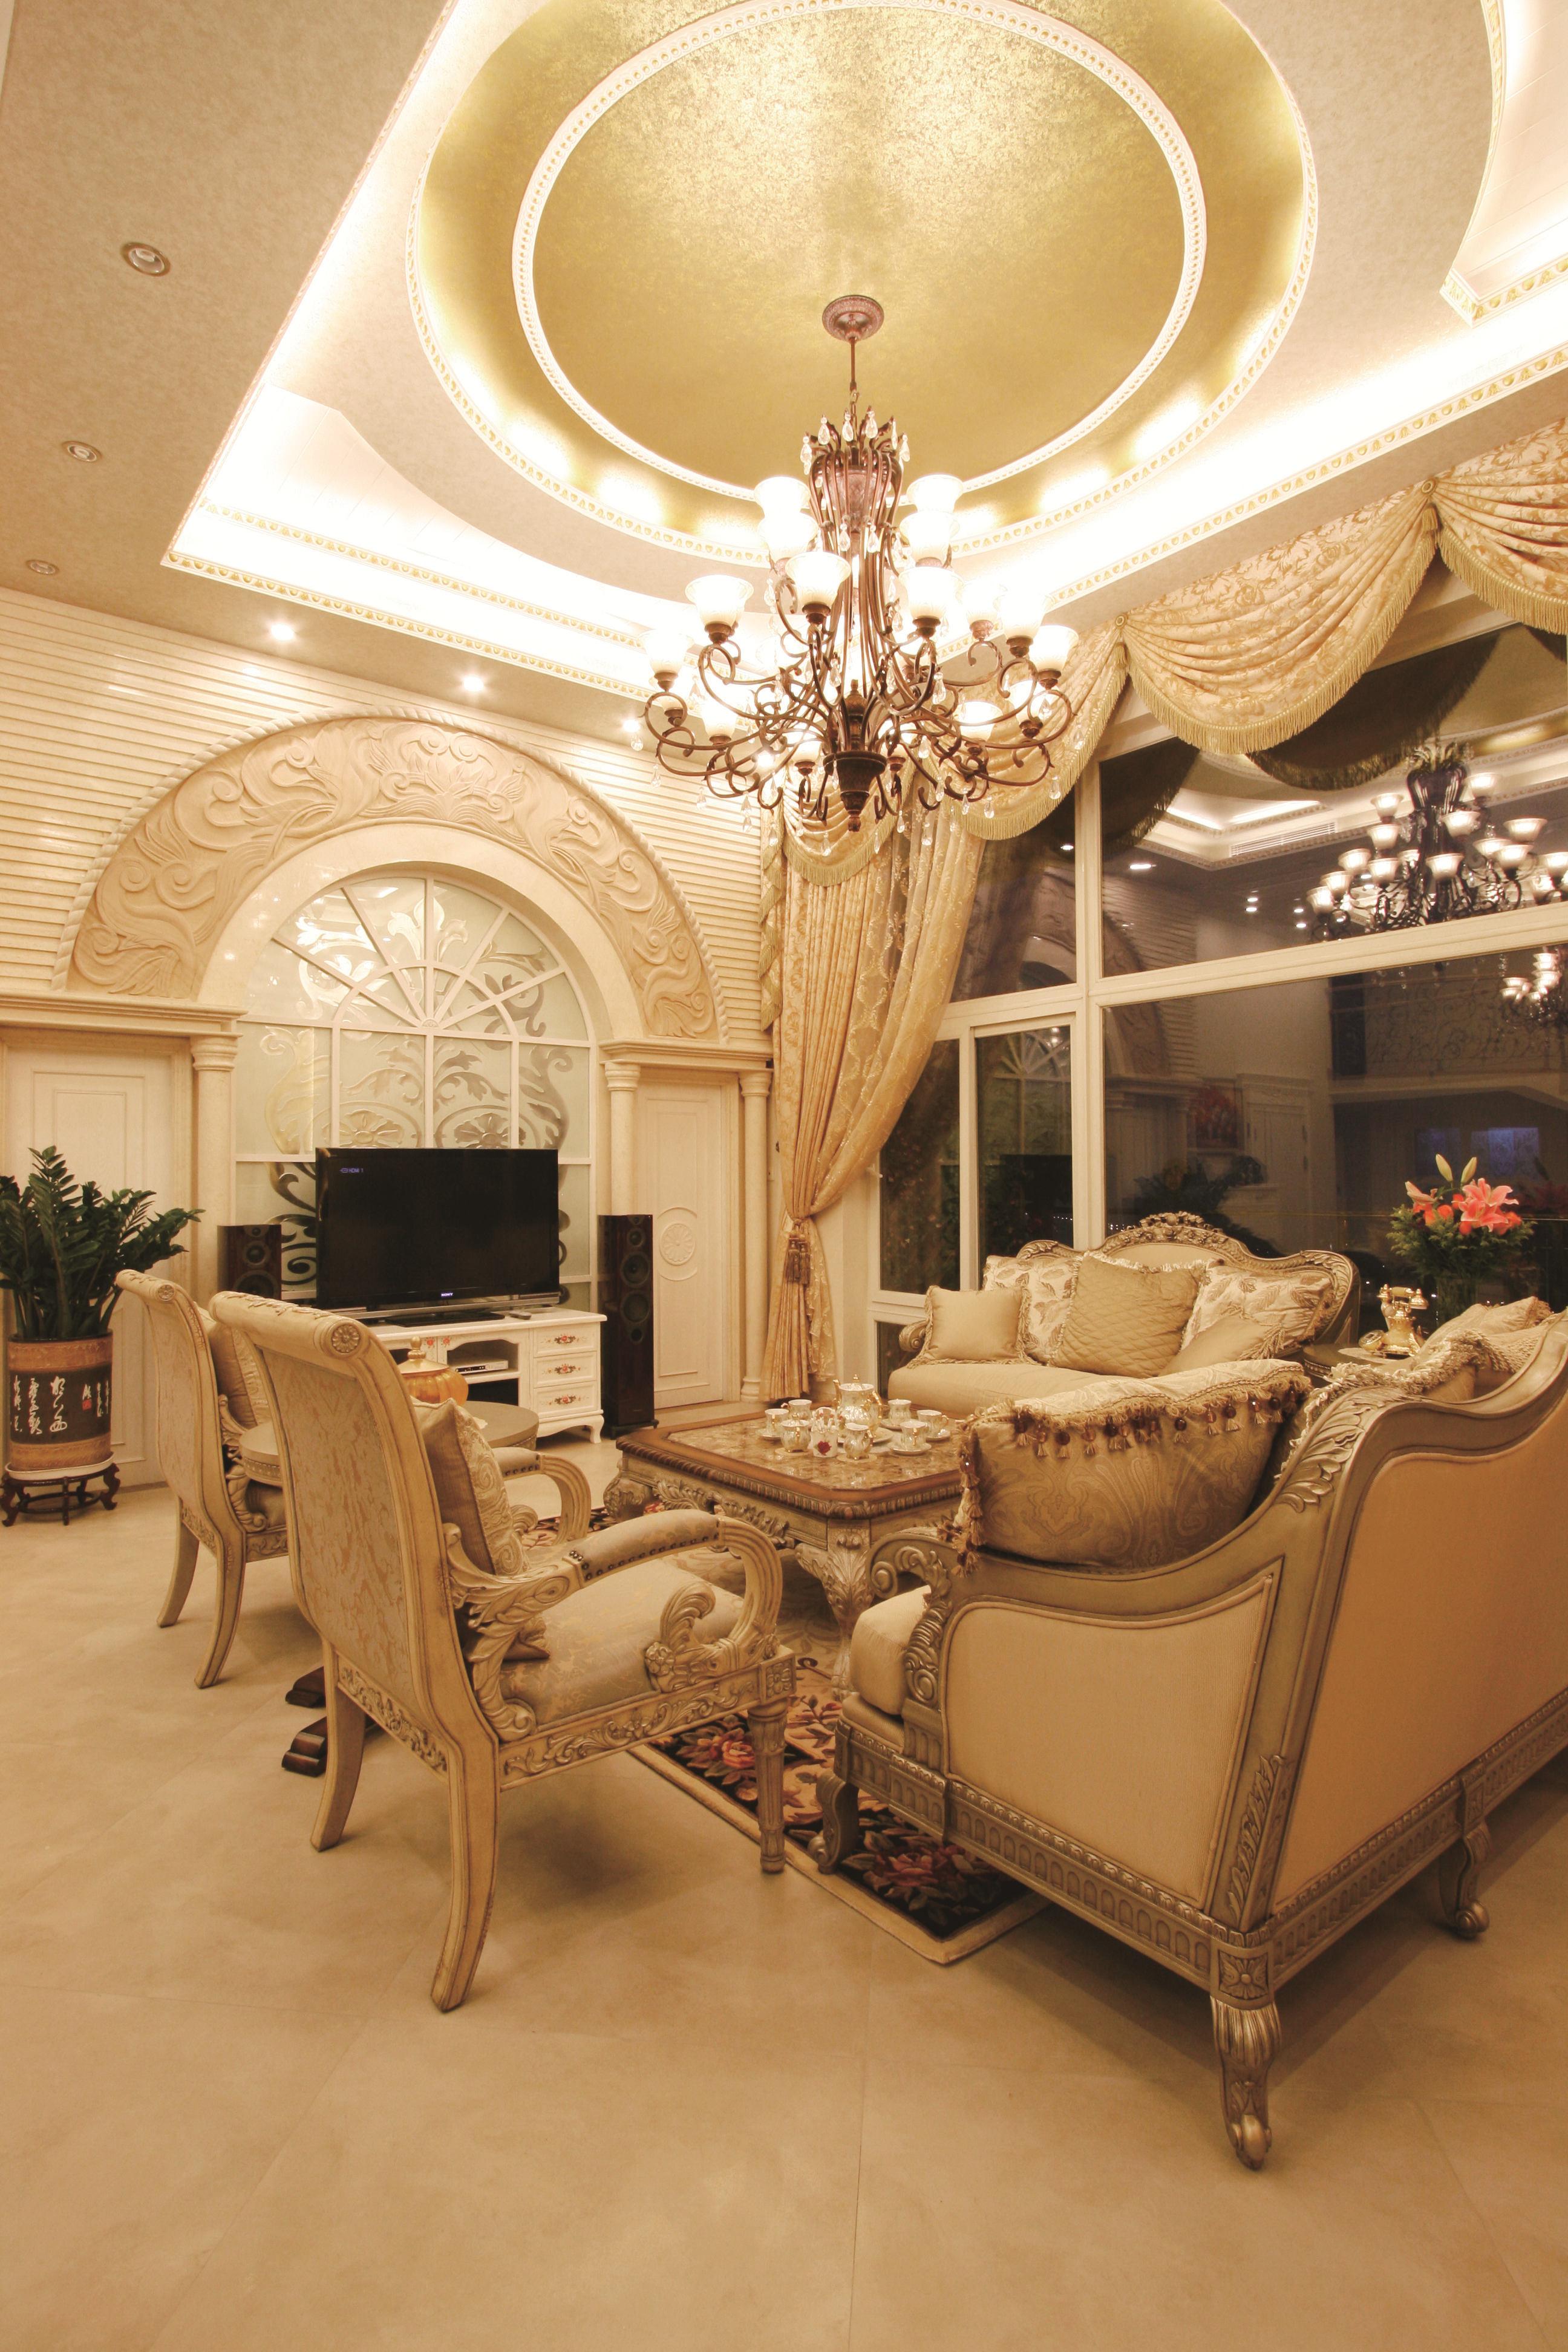 欧式 复式 80后 富贵堂煌 纯水岸 名雕装饰 客厅图片来自名雕装饰设计在欧式-纯水岸200平富贵堂煌空间的分享